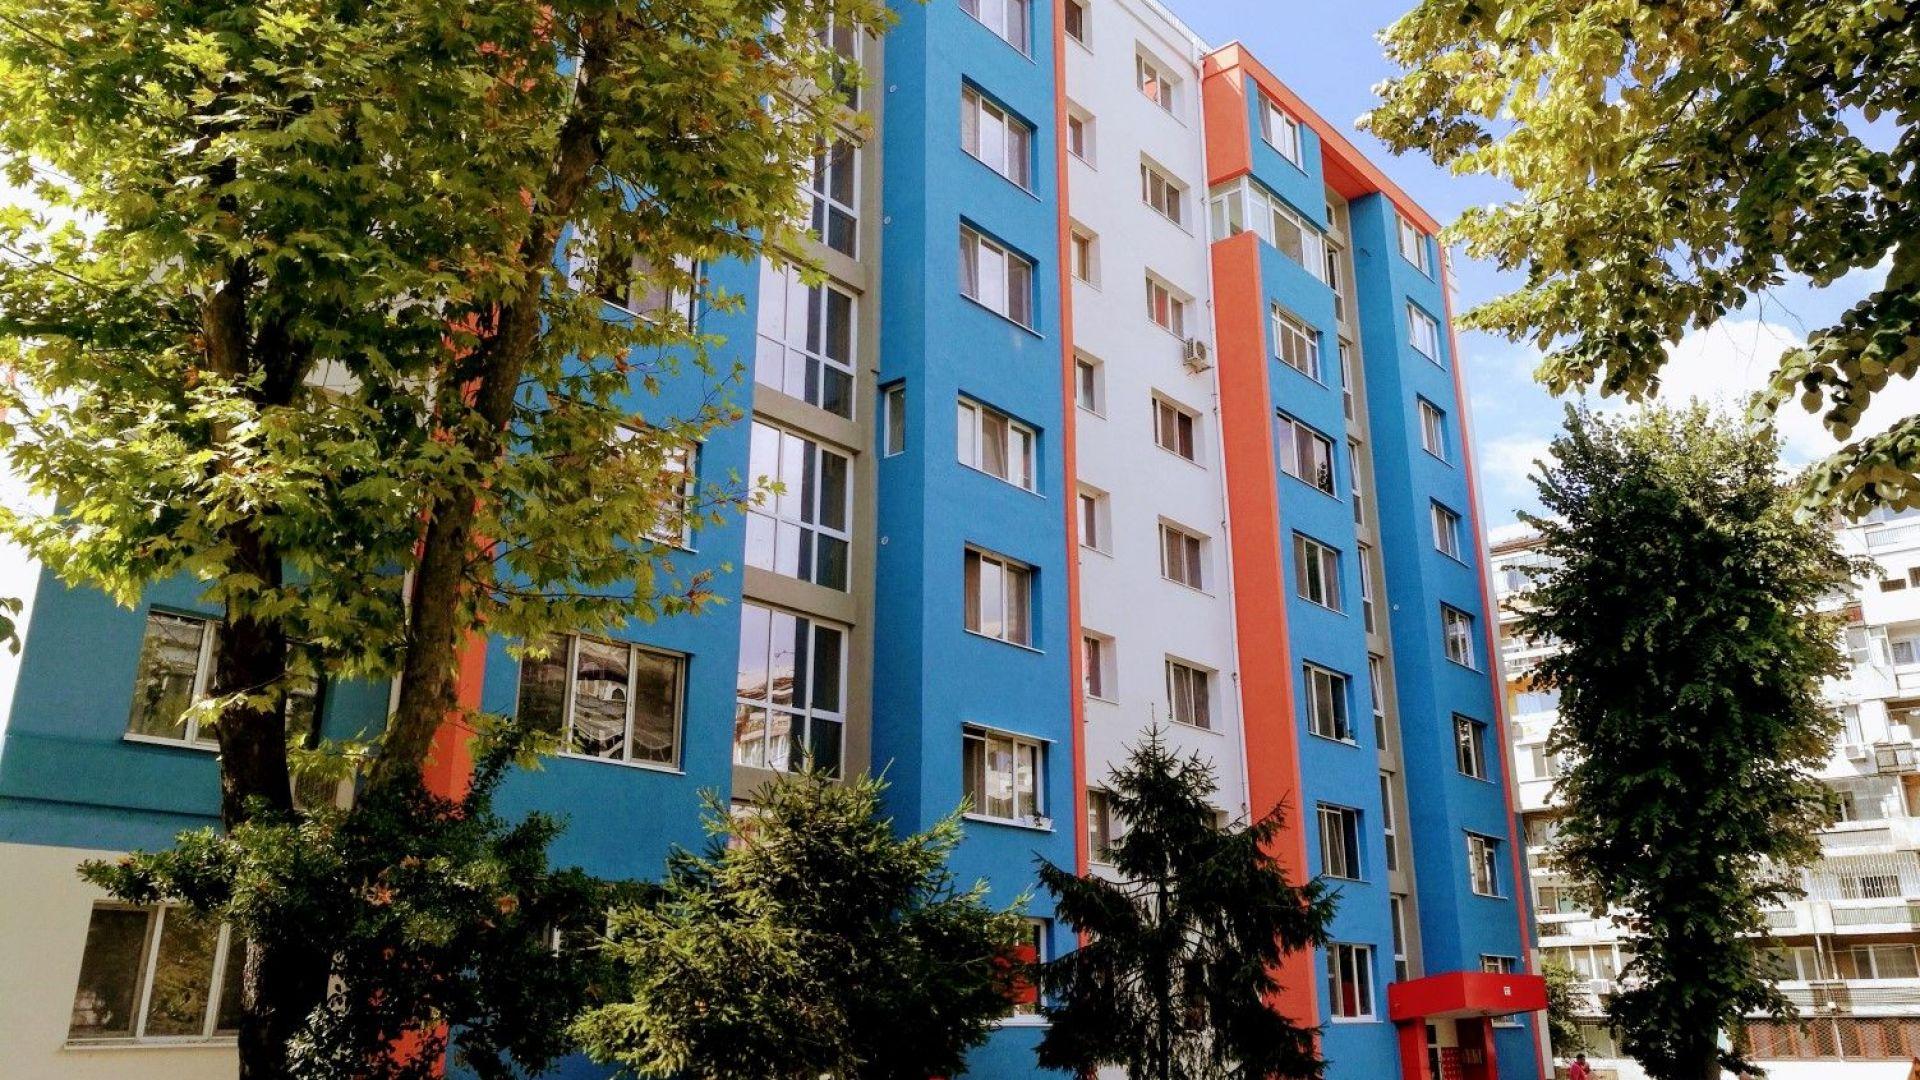 Повече от 700 000 жилищни сгради са за обновяване: с какви пречки се сблъсква санирането